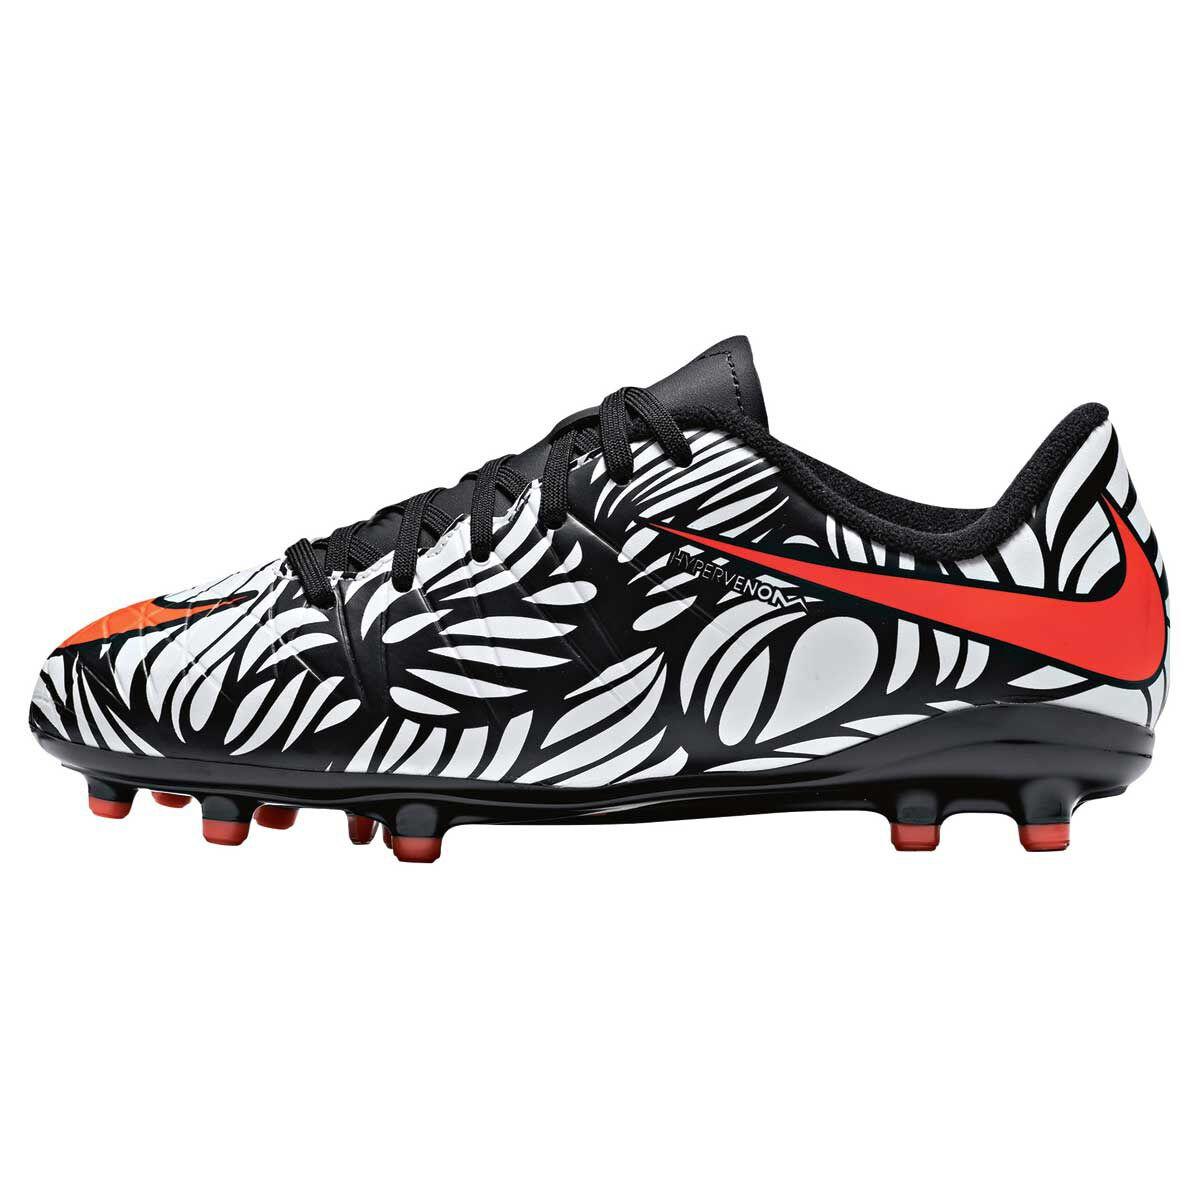 online store d00bf 9439b ... coupon code for nike neymar hypervenom phelon ii junior football boots  white black us 12 junior